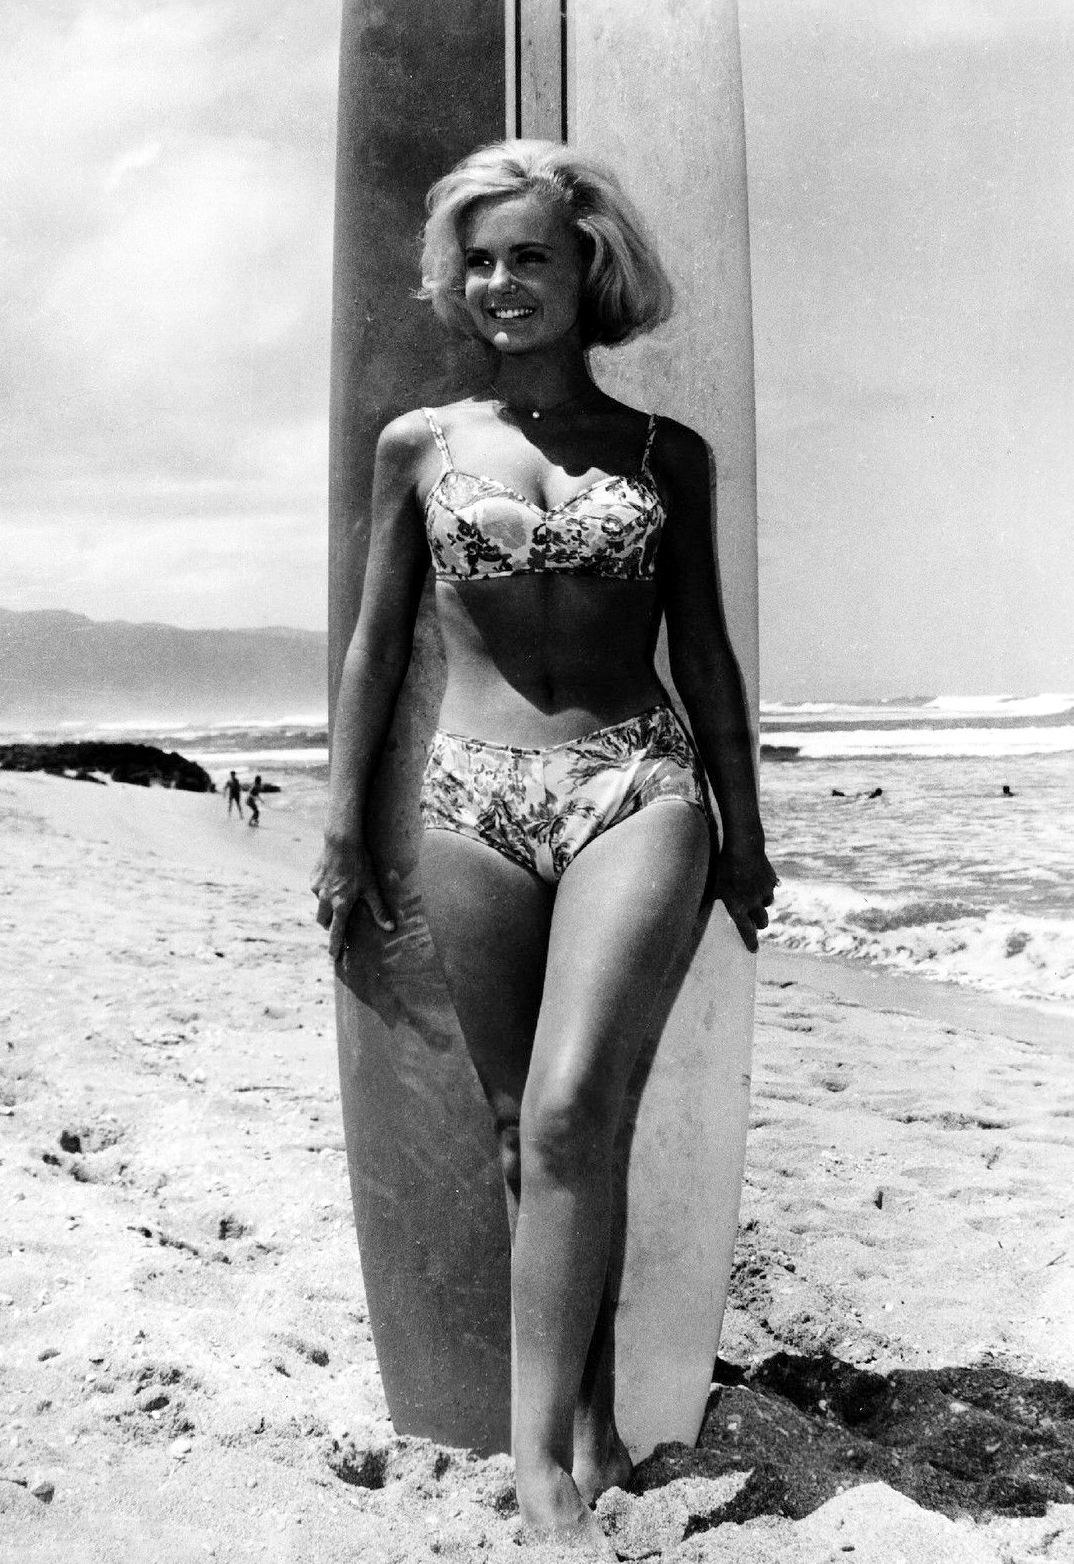 Shelley fabares in a bikini